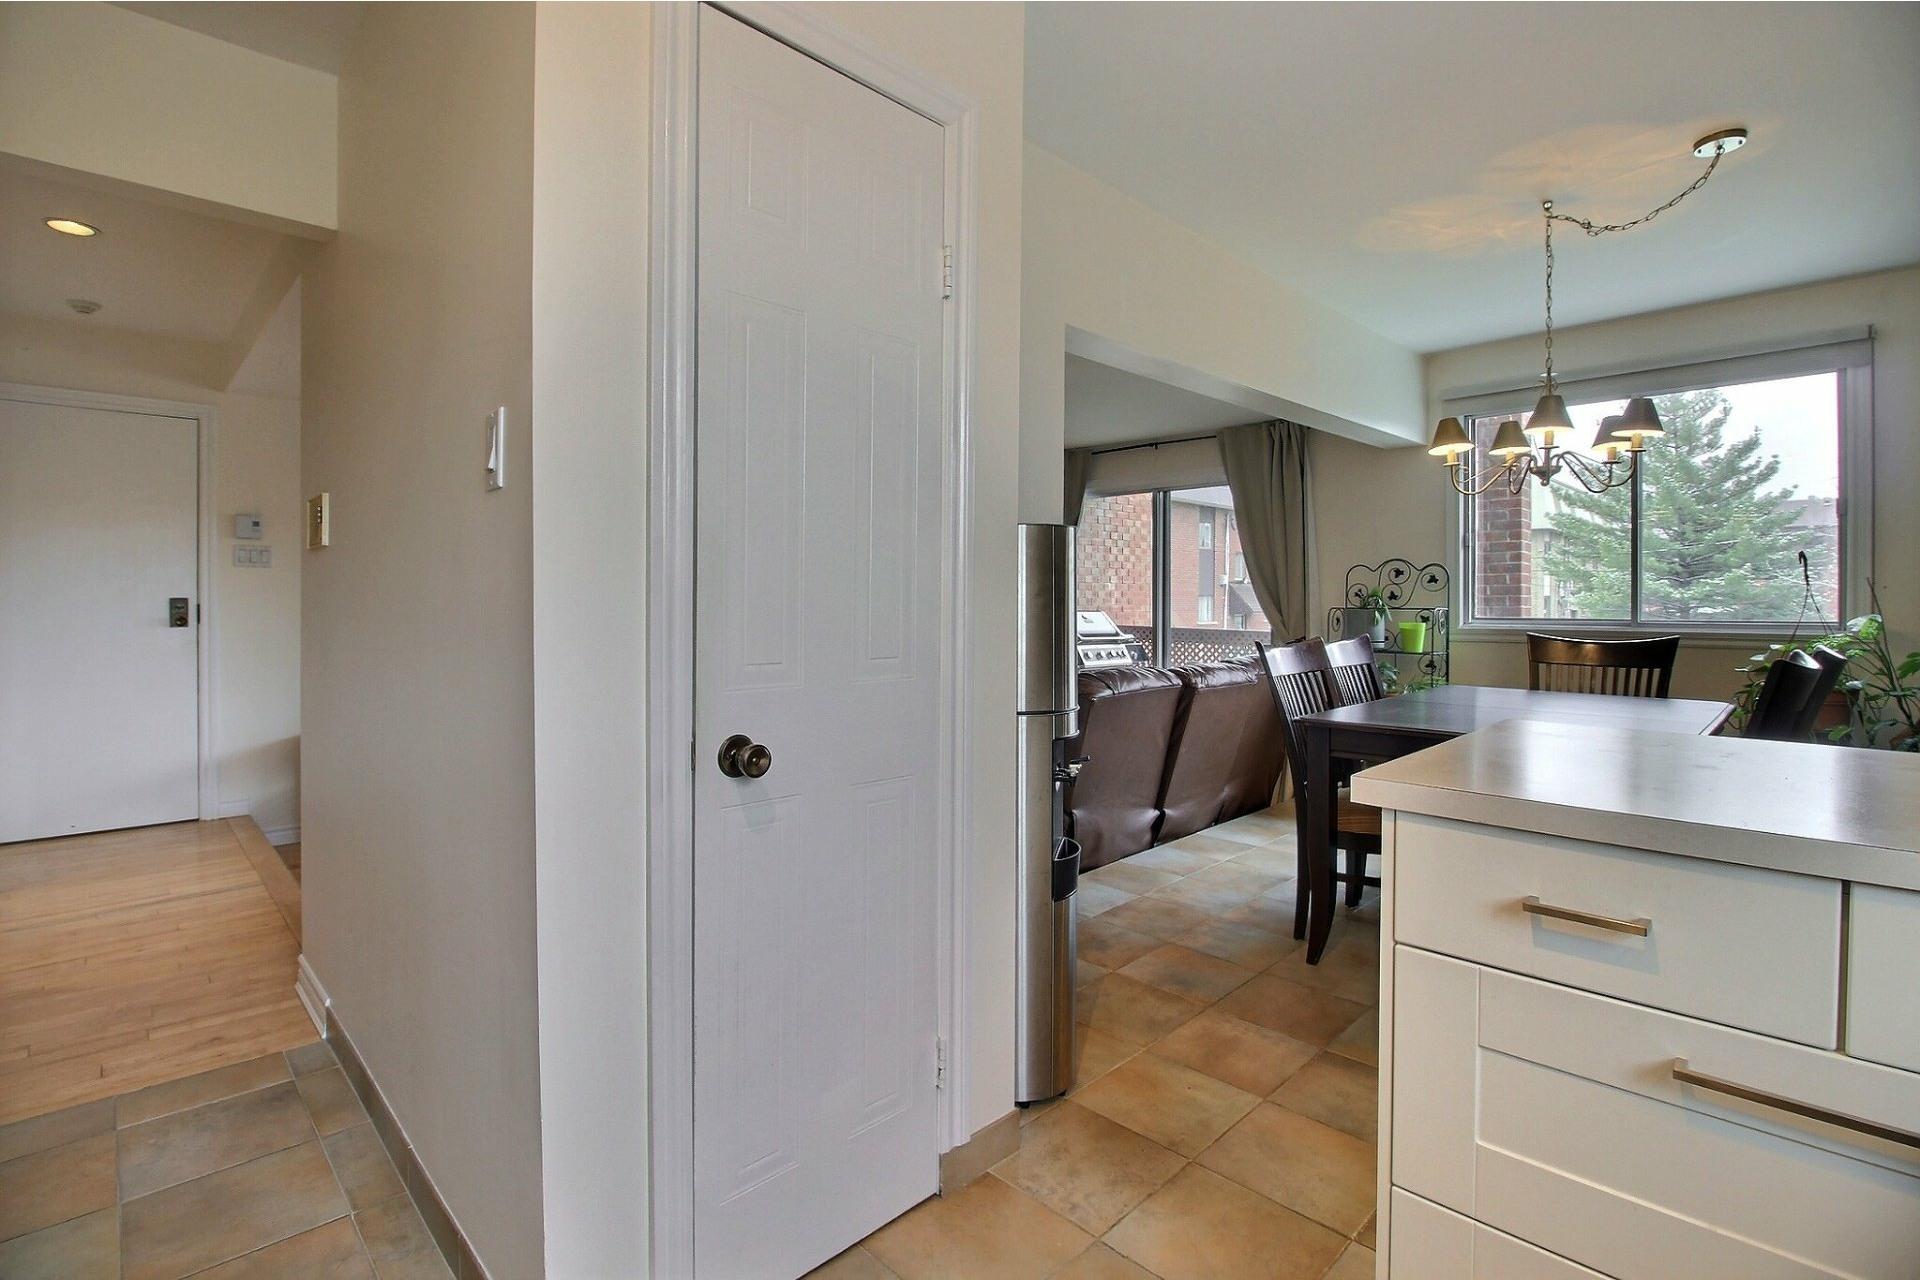 image 10 - Appartement À vendre Rivière-des-Prairies/Pointe-aux-Trembles Montréal  - 5 pièces